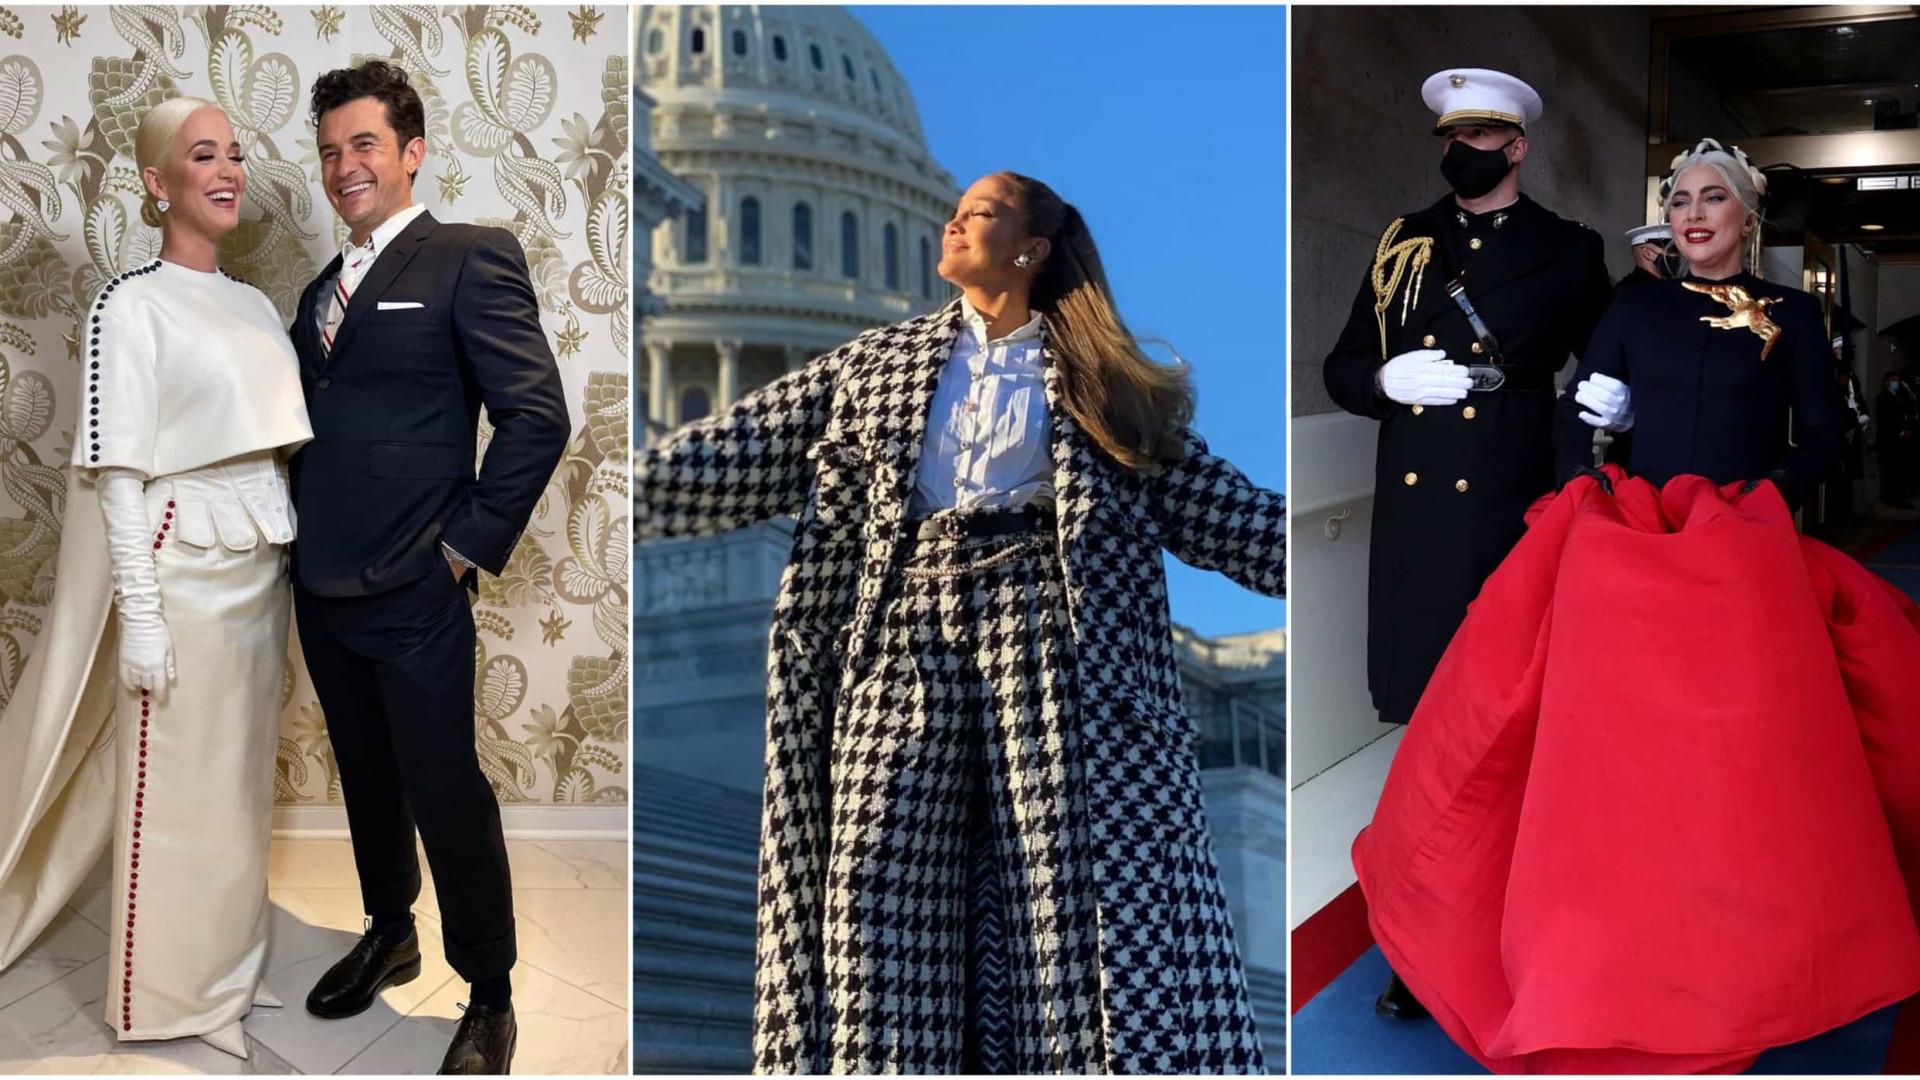 Confira os looks dos famosos na posse de Joe Biden